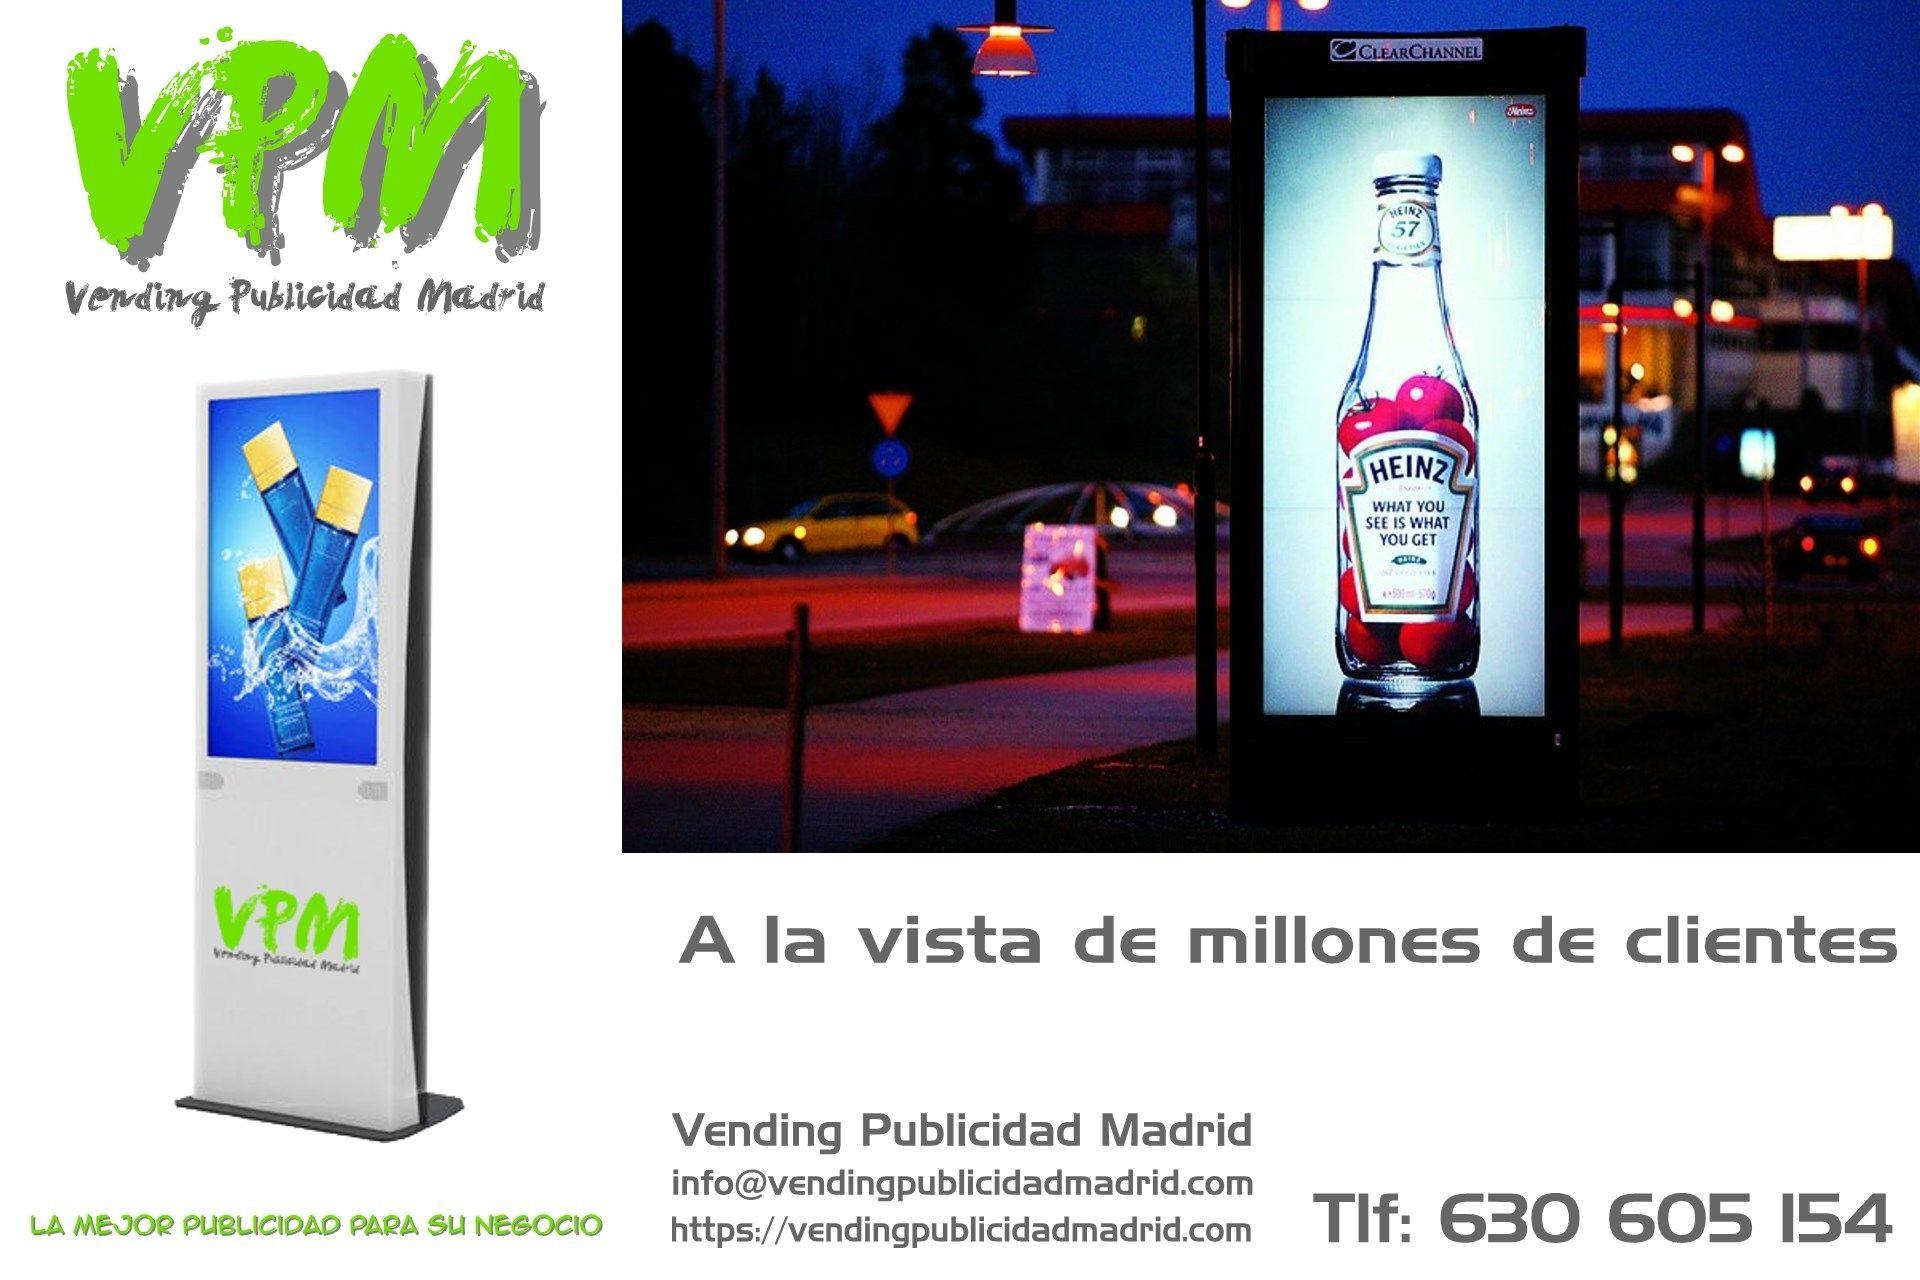 Las Maquinas De Vending Una Oportunidad Para La Publicidad De Pymes